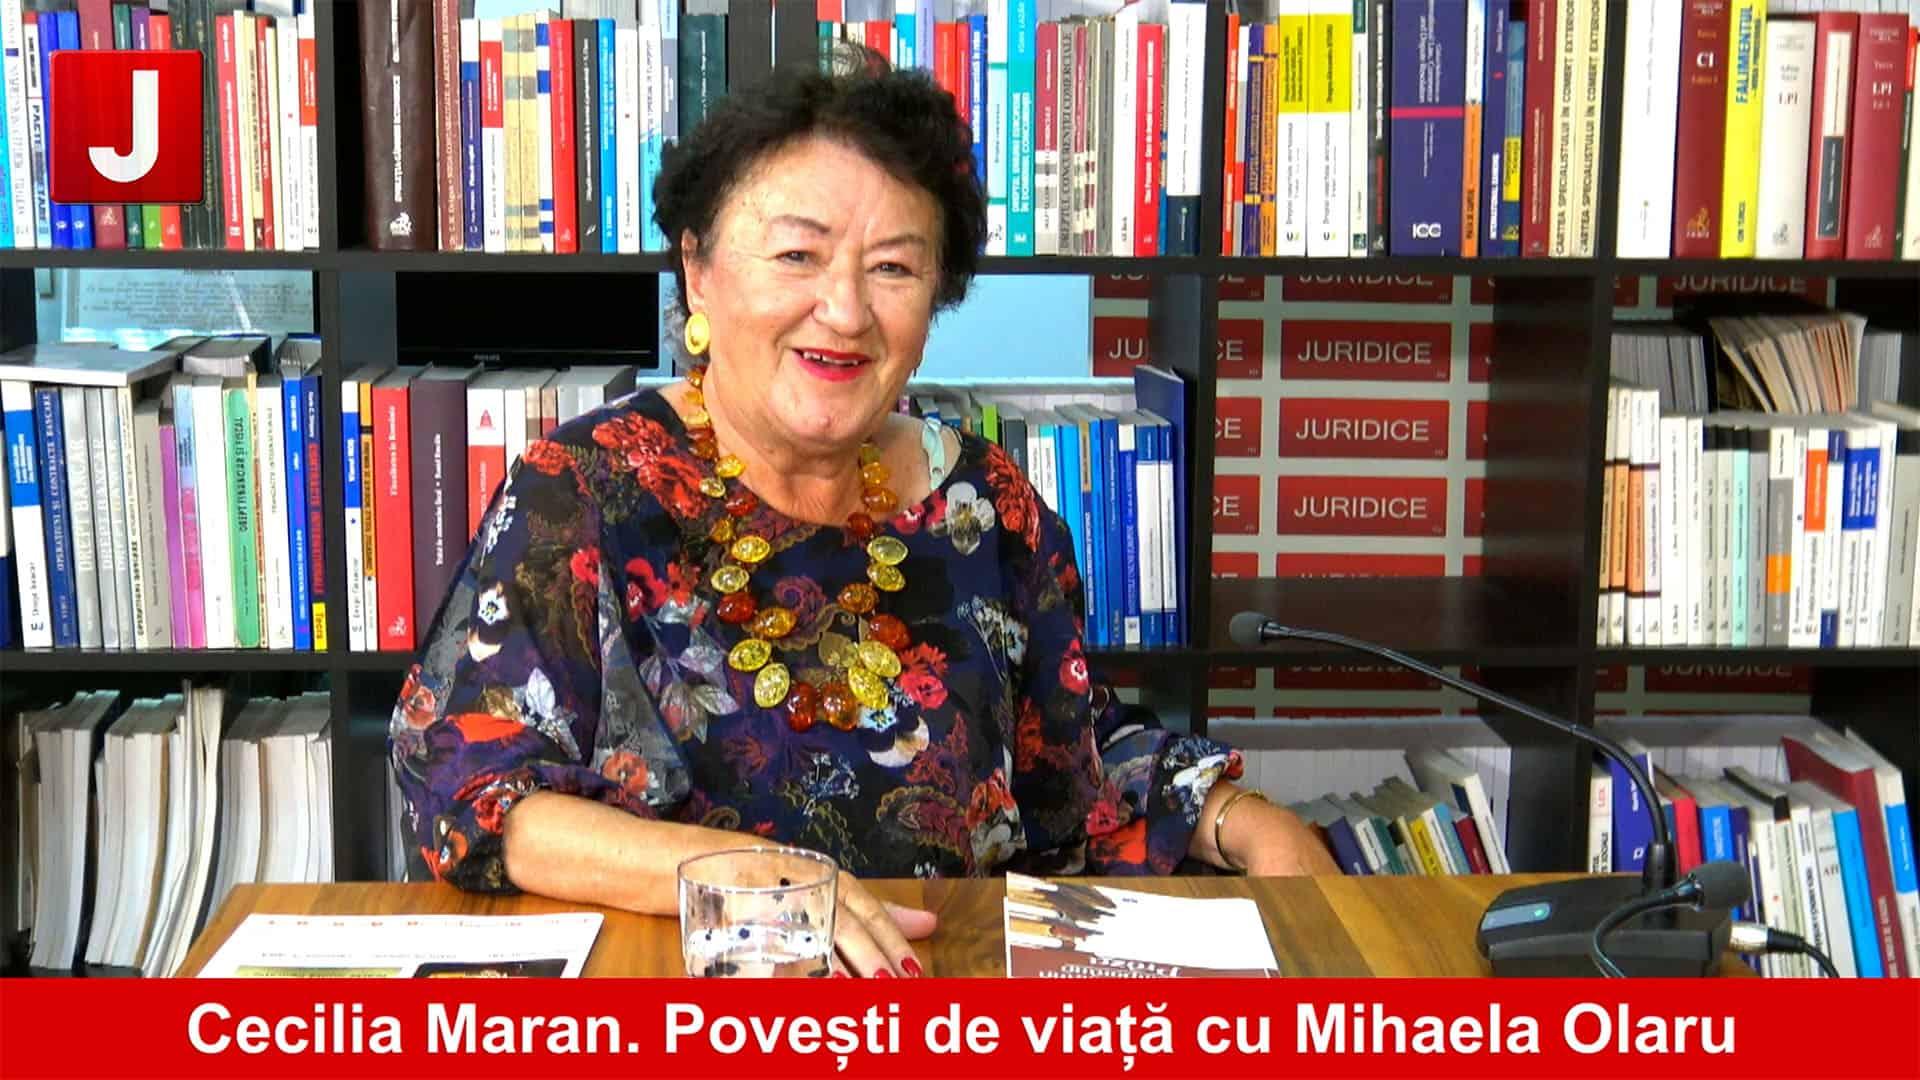 Amintirile unui avocat despre lumea justiţiei, Cecilia Maran I Povești de viață cu Mihaela Olaru